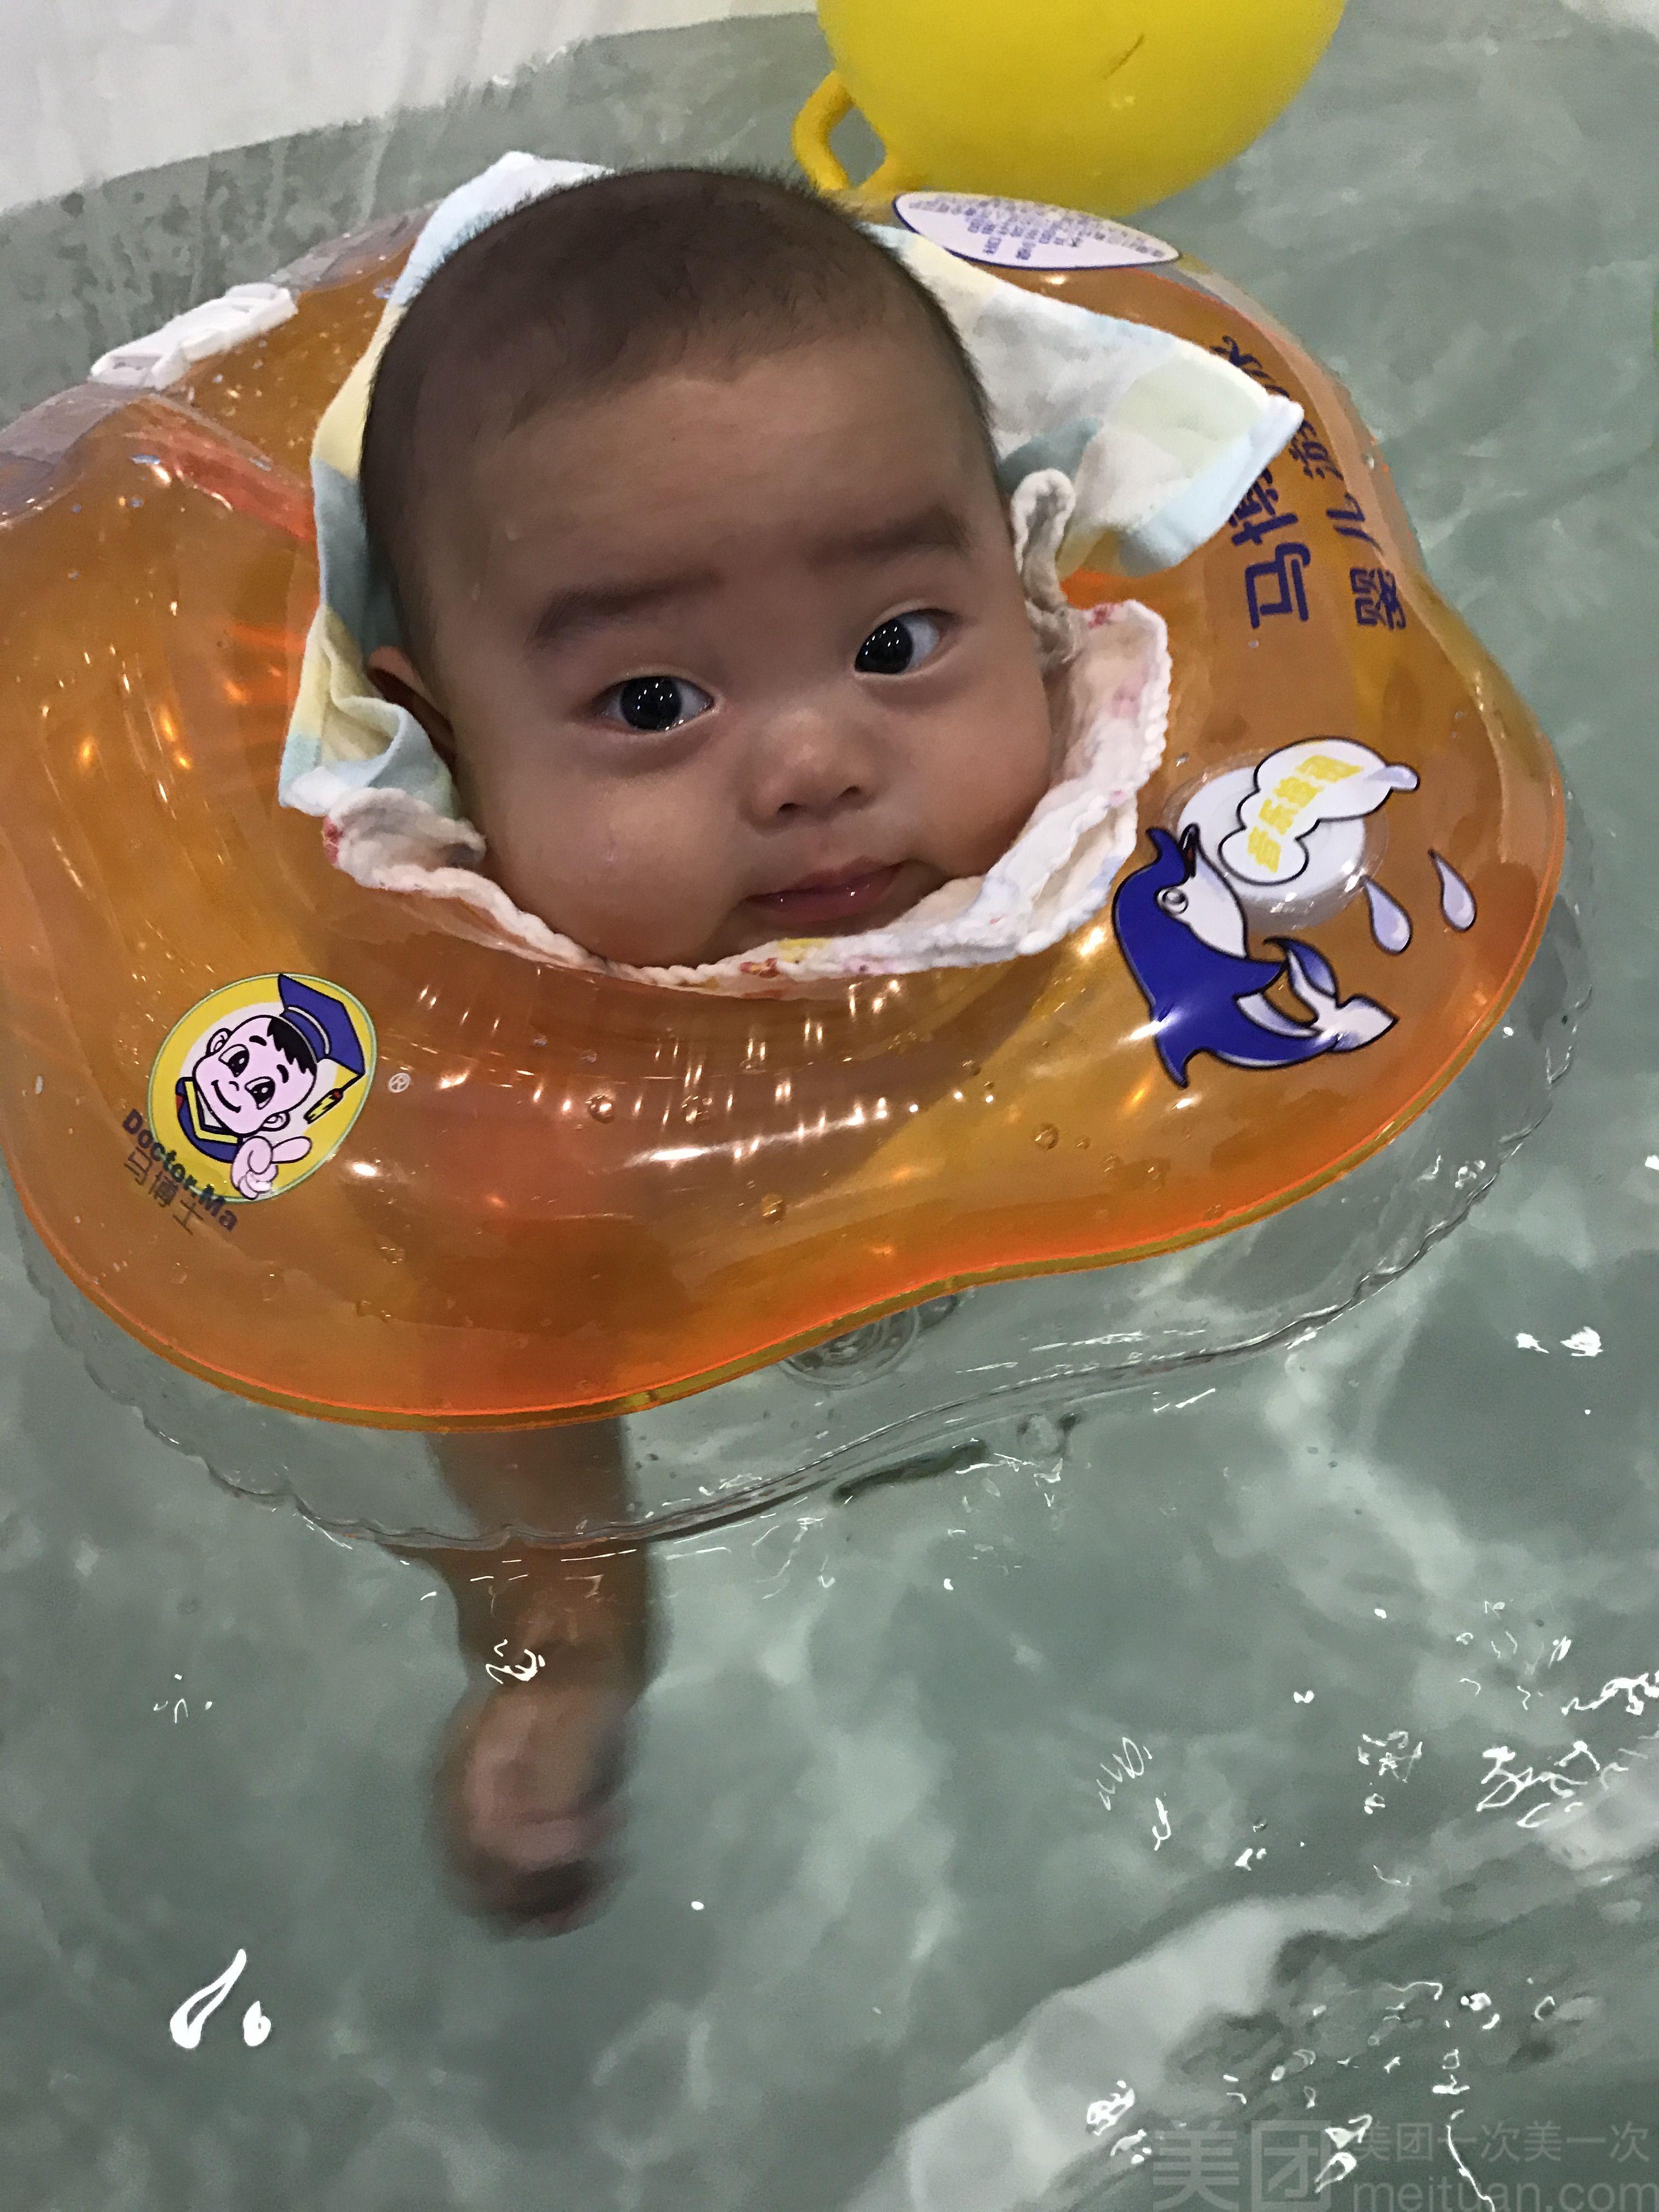 美团网:长沙今日游泳团购:【泡泡精灵婴幼儿游泳乐园】(0-6个月)小池单人单次游泳全套体验